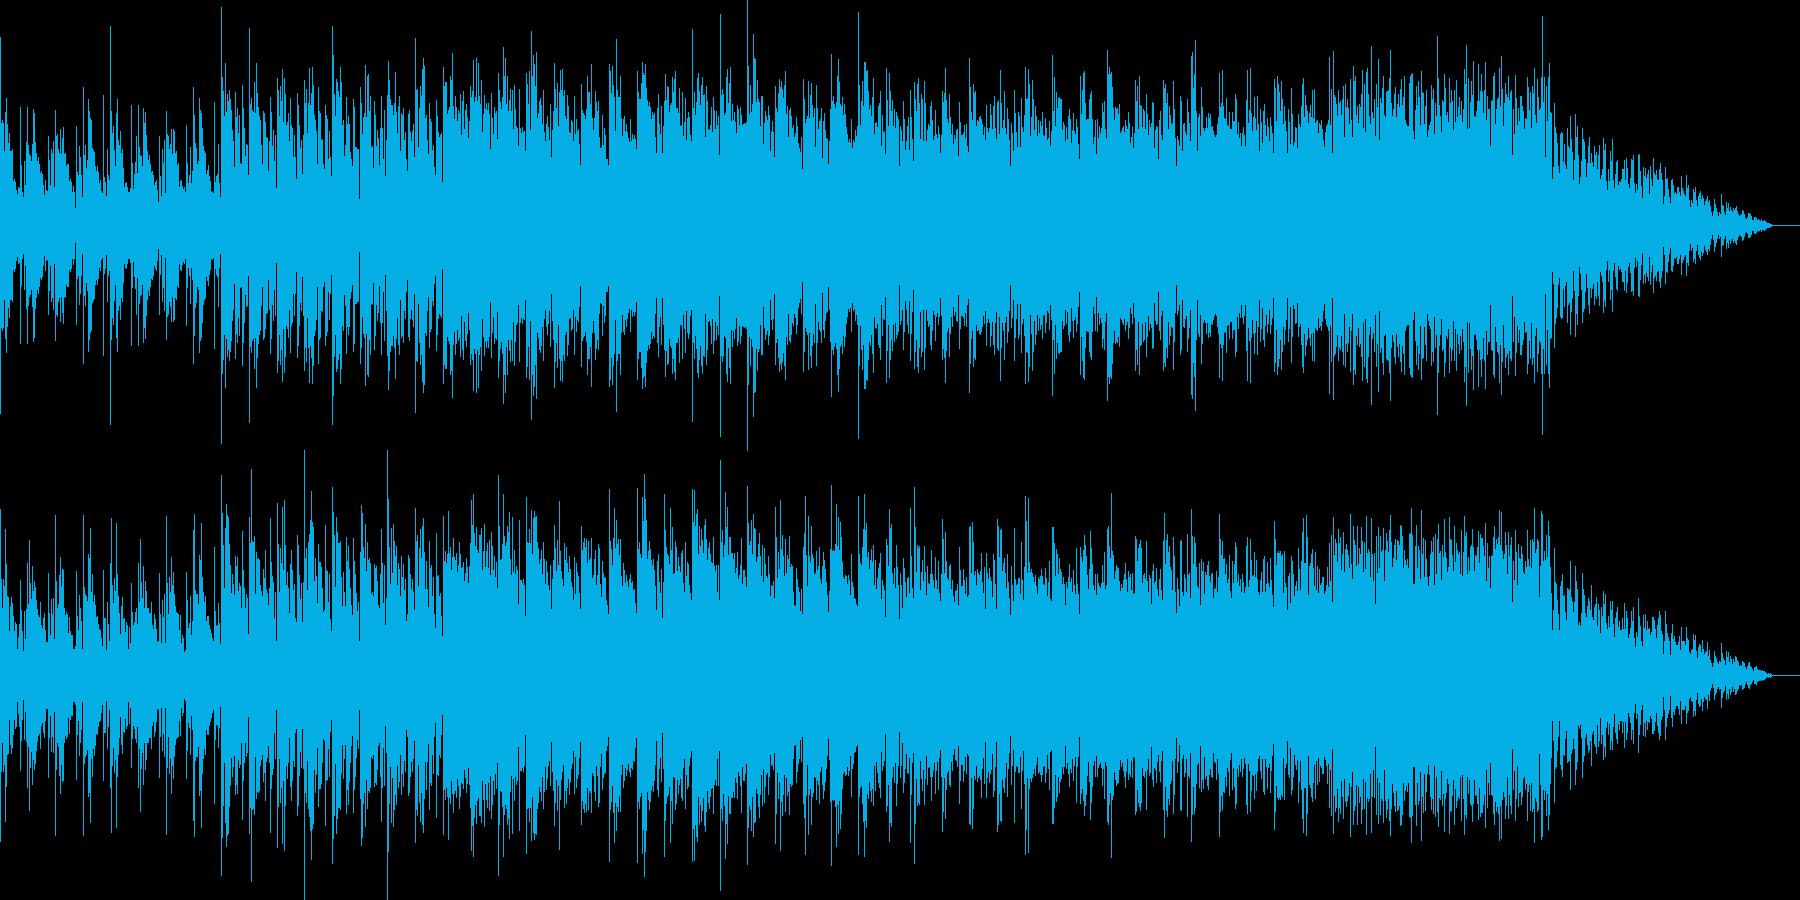 シンプルでディープなテックハウスの再生済みの波形